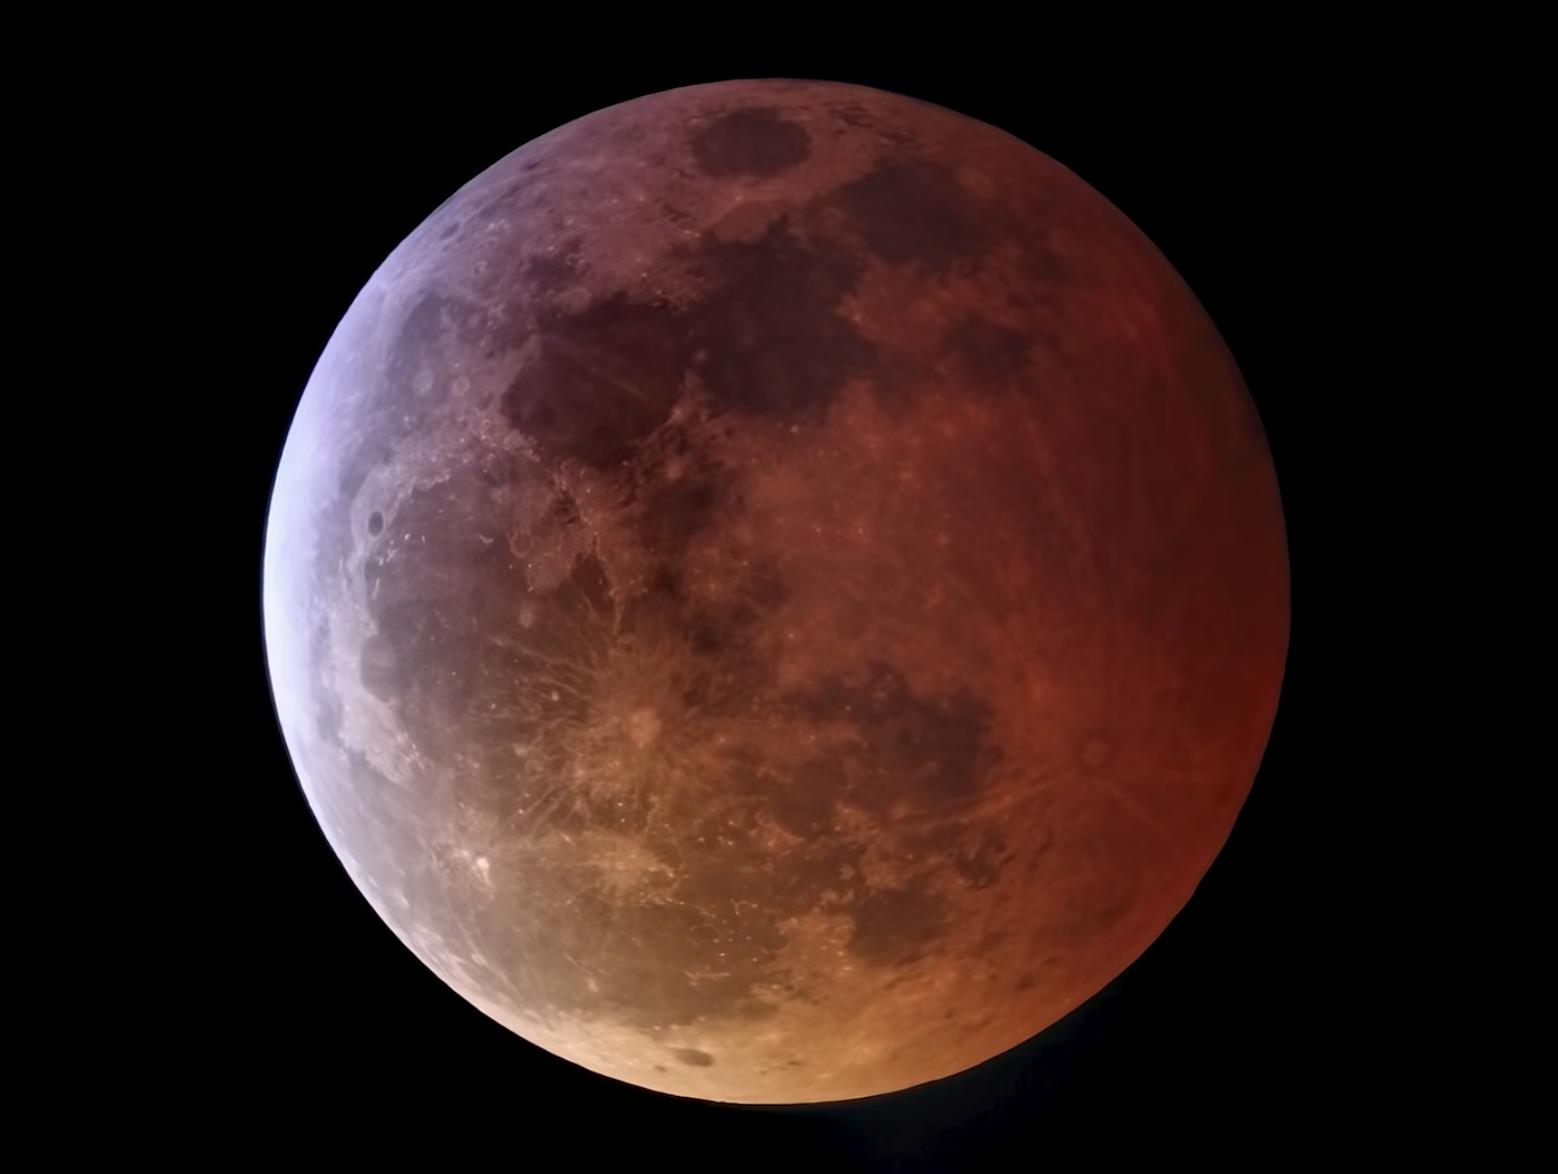 「月全食」將在2021年5月26日晚間登場,又適逢「最大滿月」,屆時月球與地球的距離僅剩35.7萬公里。(NASA Solar System ExplorationFacebook)